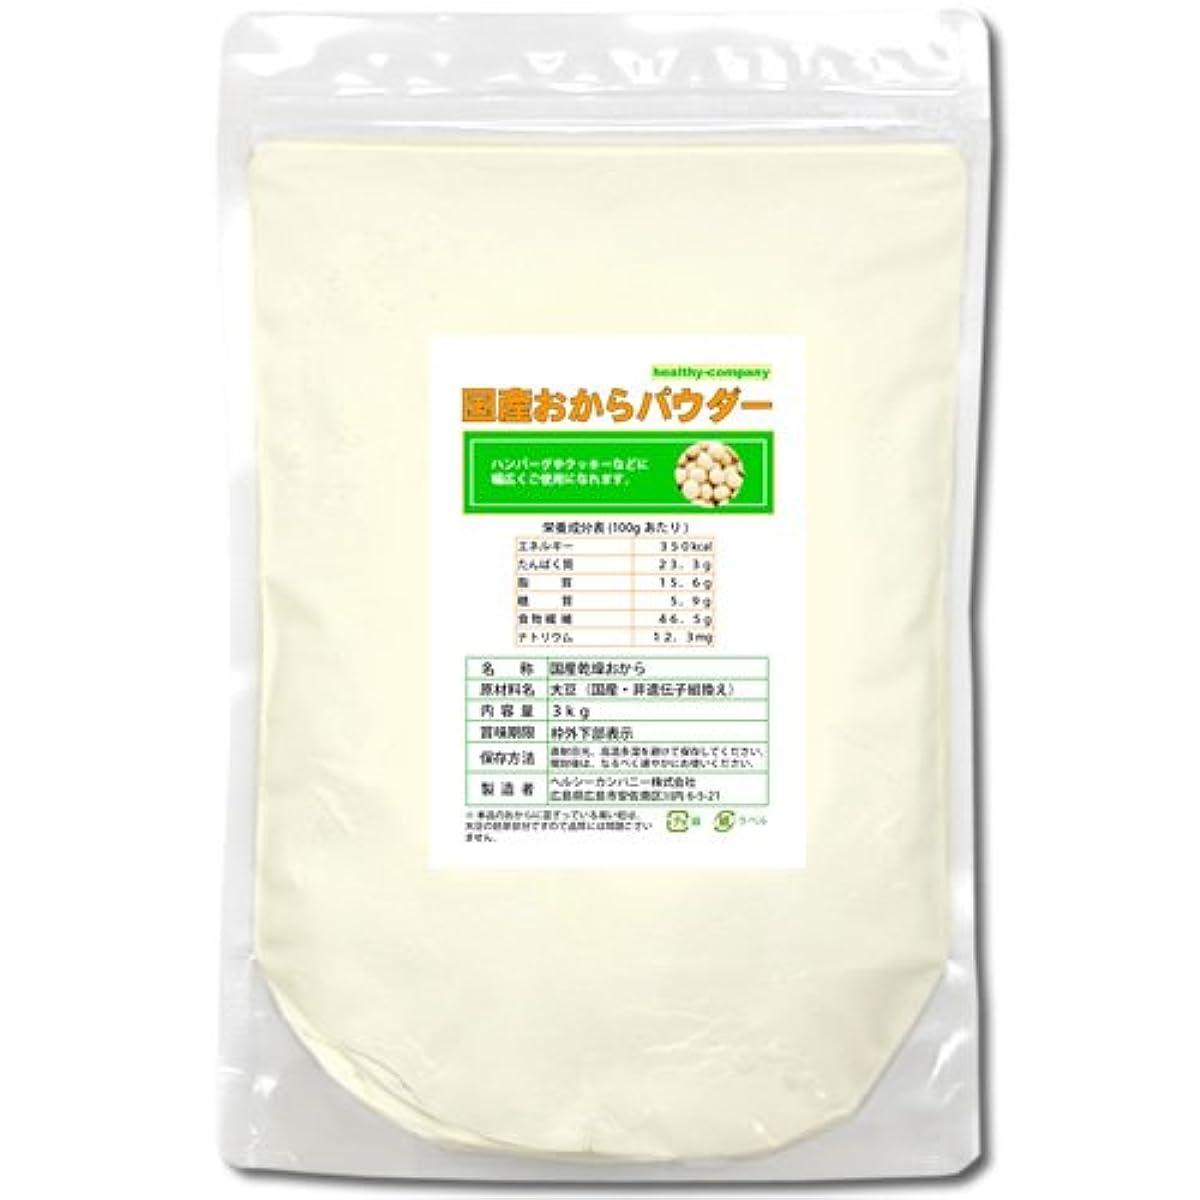 アンティークカヌー嫌がる国産大豆100%おからパウダー3kg(乾燥 粉末 ヘルシーカンパニー)